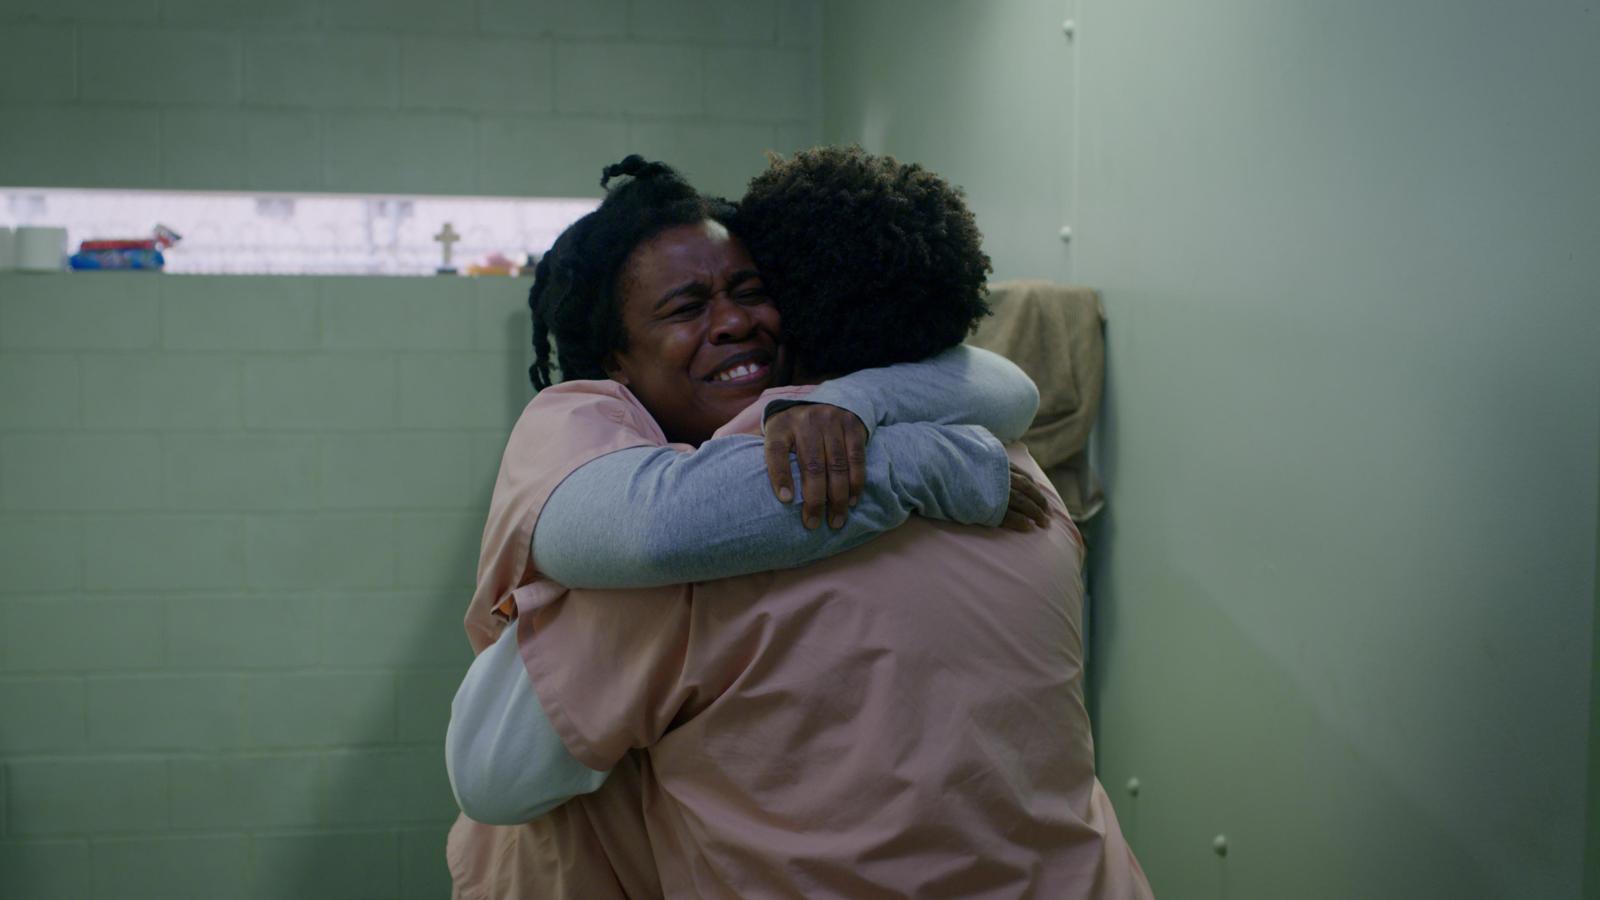 Orange Is the New Black saison 7 sur Netflix : les détenues font leurs adieux dans la bande-annonce